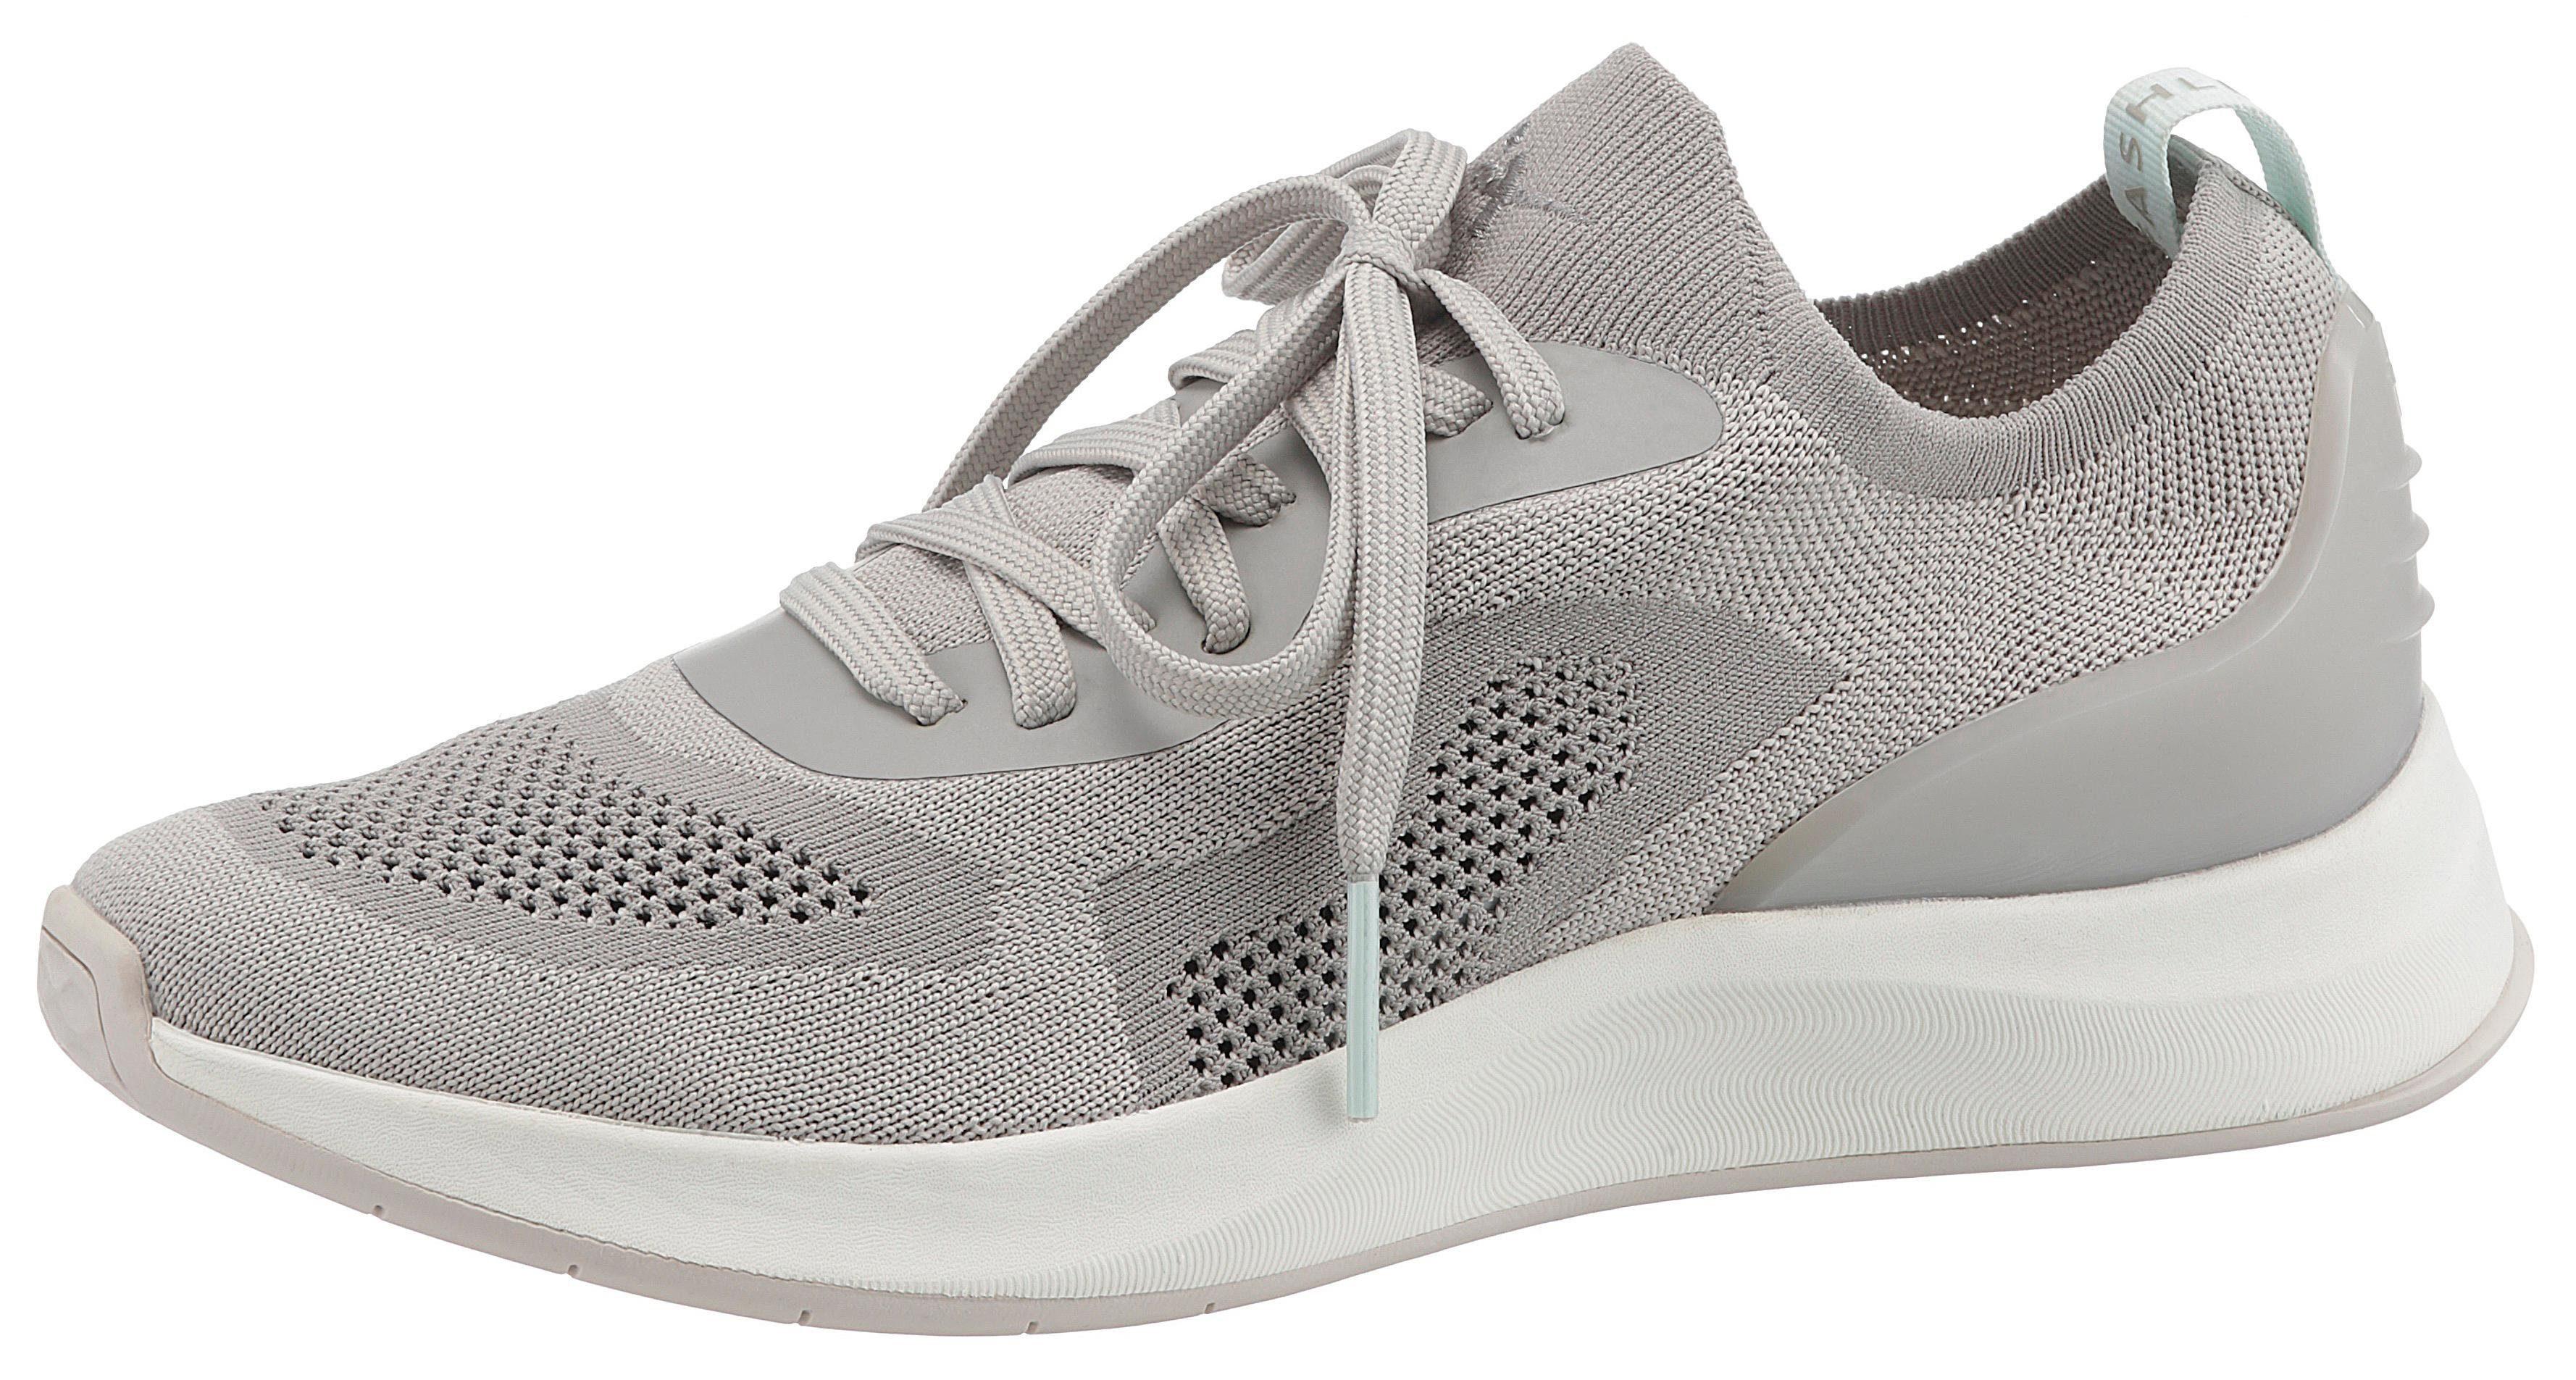 Tamaris »Fashletics« Sneaker in Schlupfform kaufen   OTTO